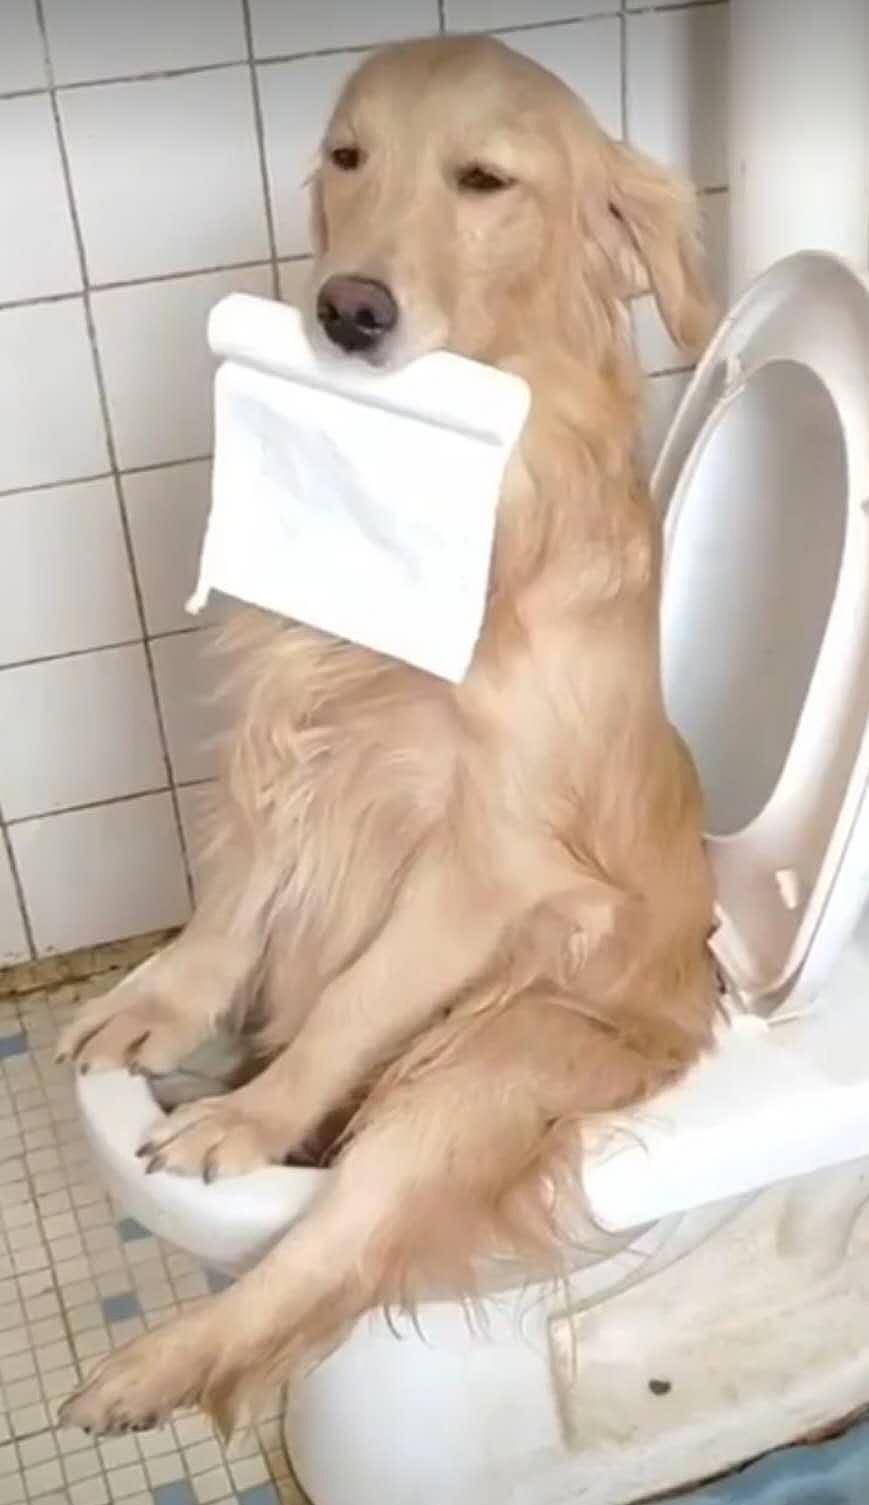 铲屎官告诉金毛不可以乱尿尿,回家后看傻眼了